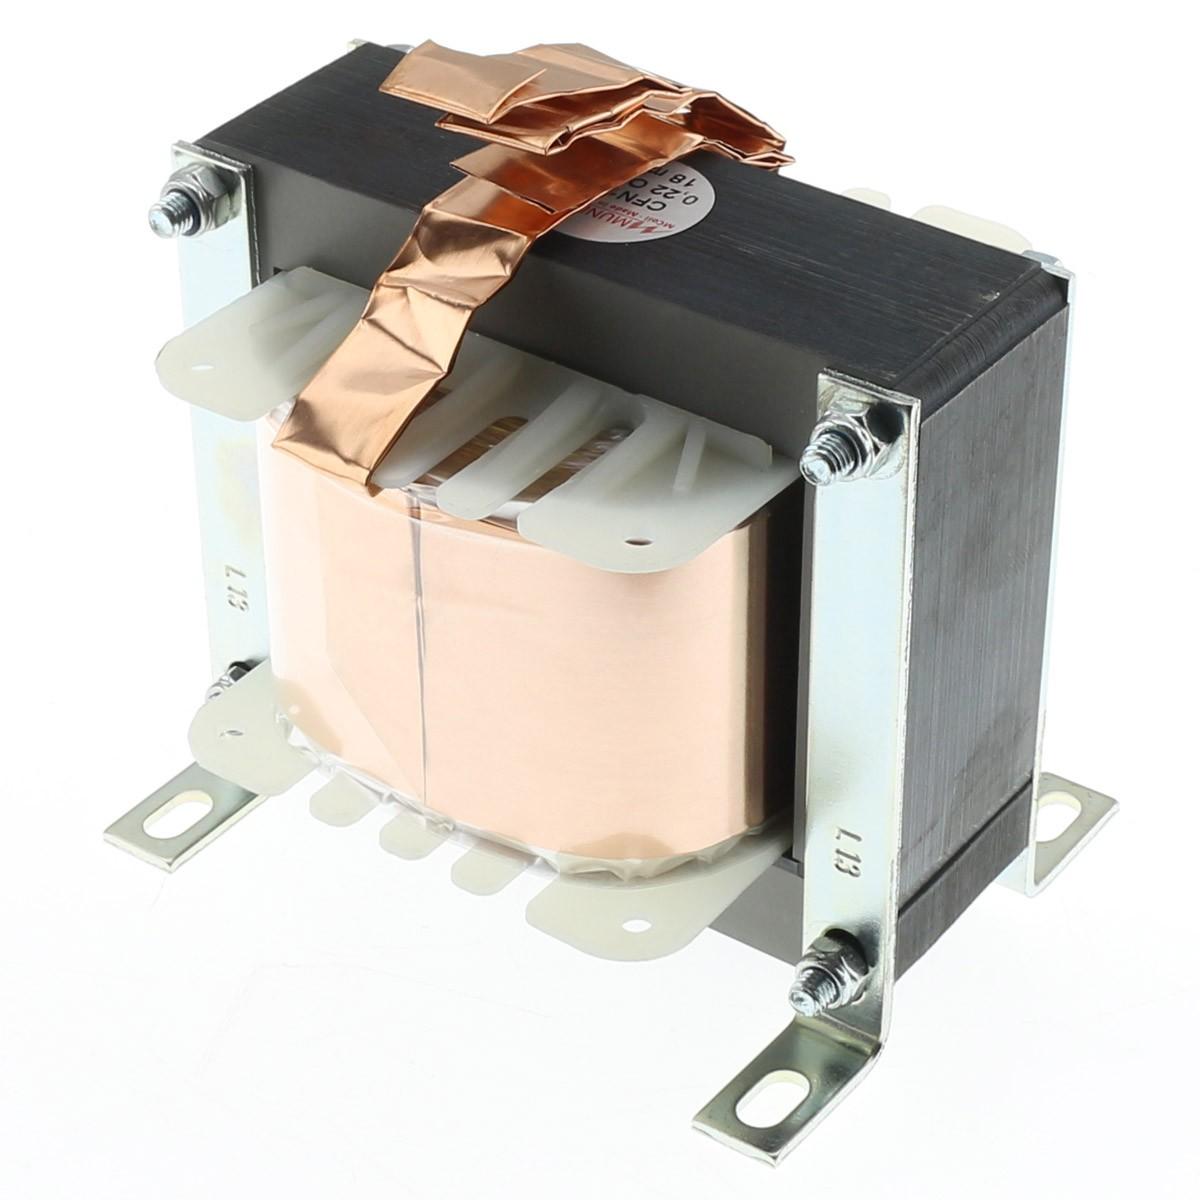 MUNDORF CFN14 Copper Foil Ferron Core Coil Zero-Ohm 4.7mH